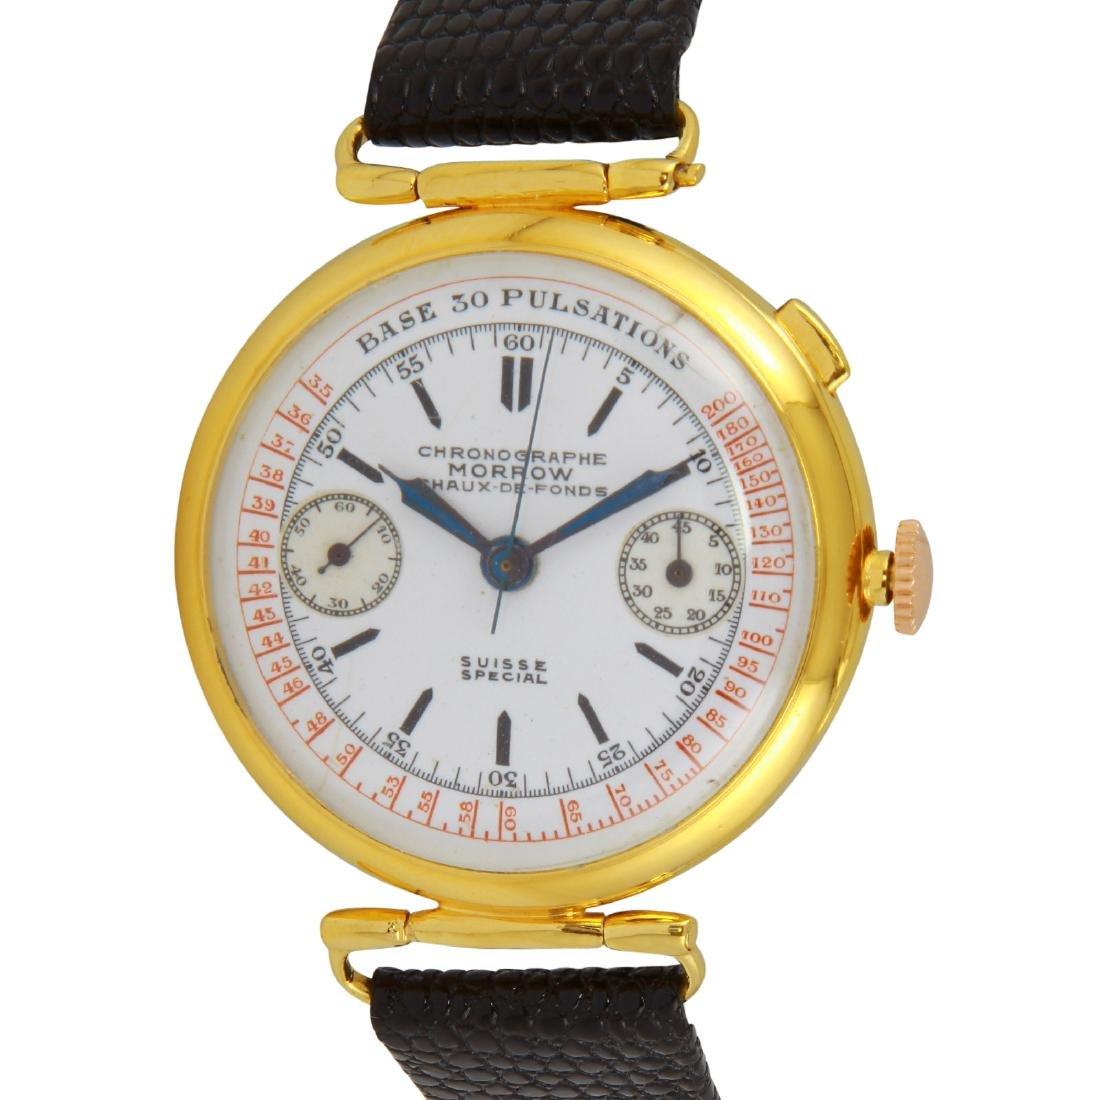 Morrow Chronographe Chaux-de-fonds Enamel Watch